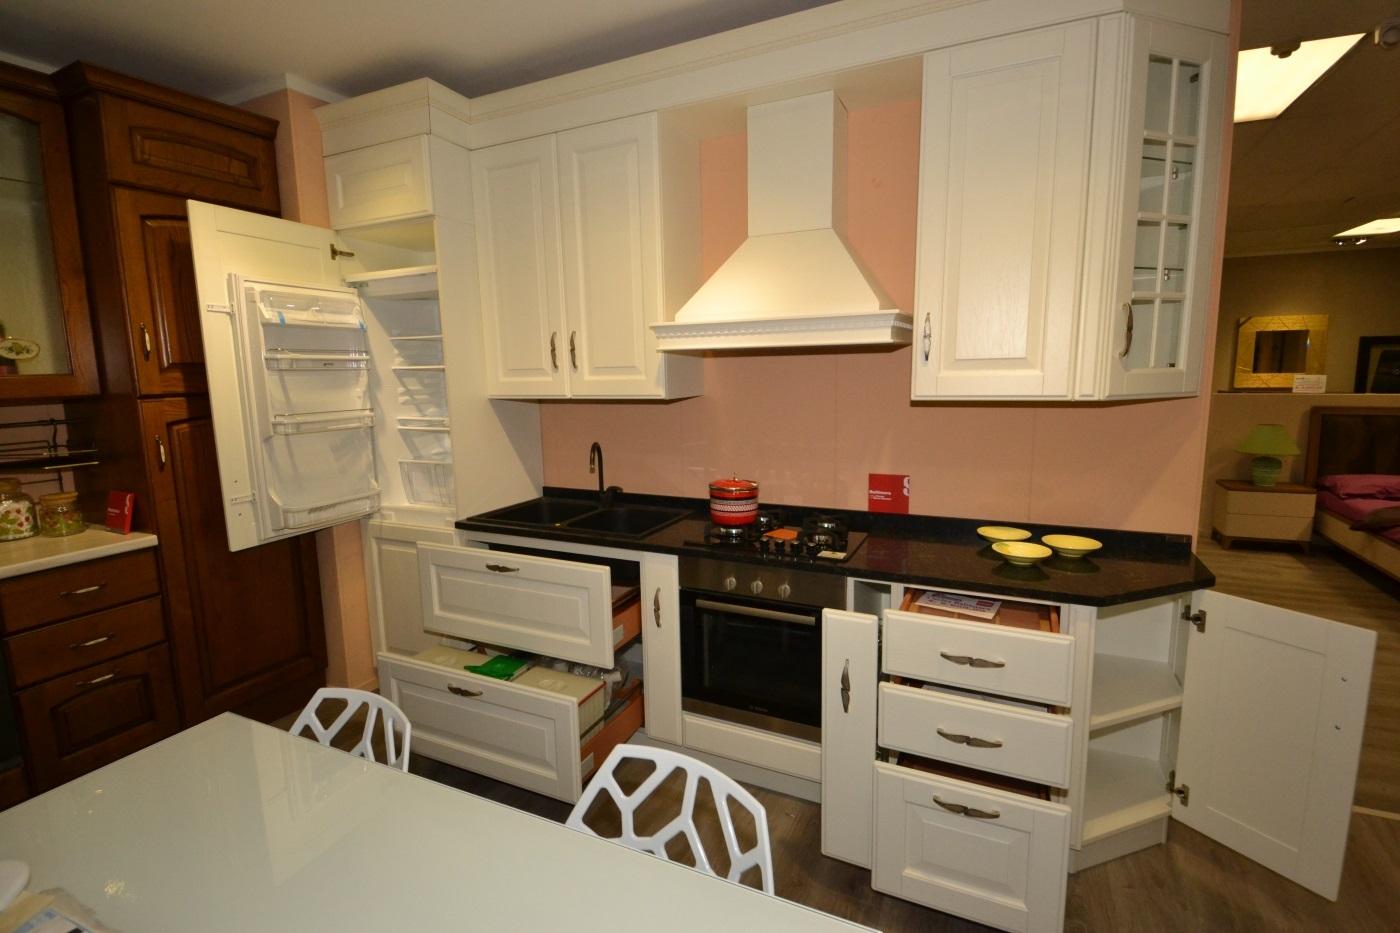 Cucina scavolini baltimora in rovere bianco cucine a prezzi scontati - Cucine 3 metri scavolini ...